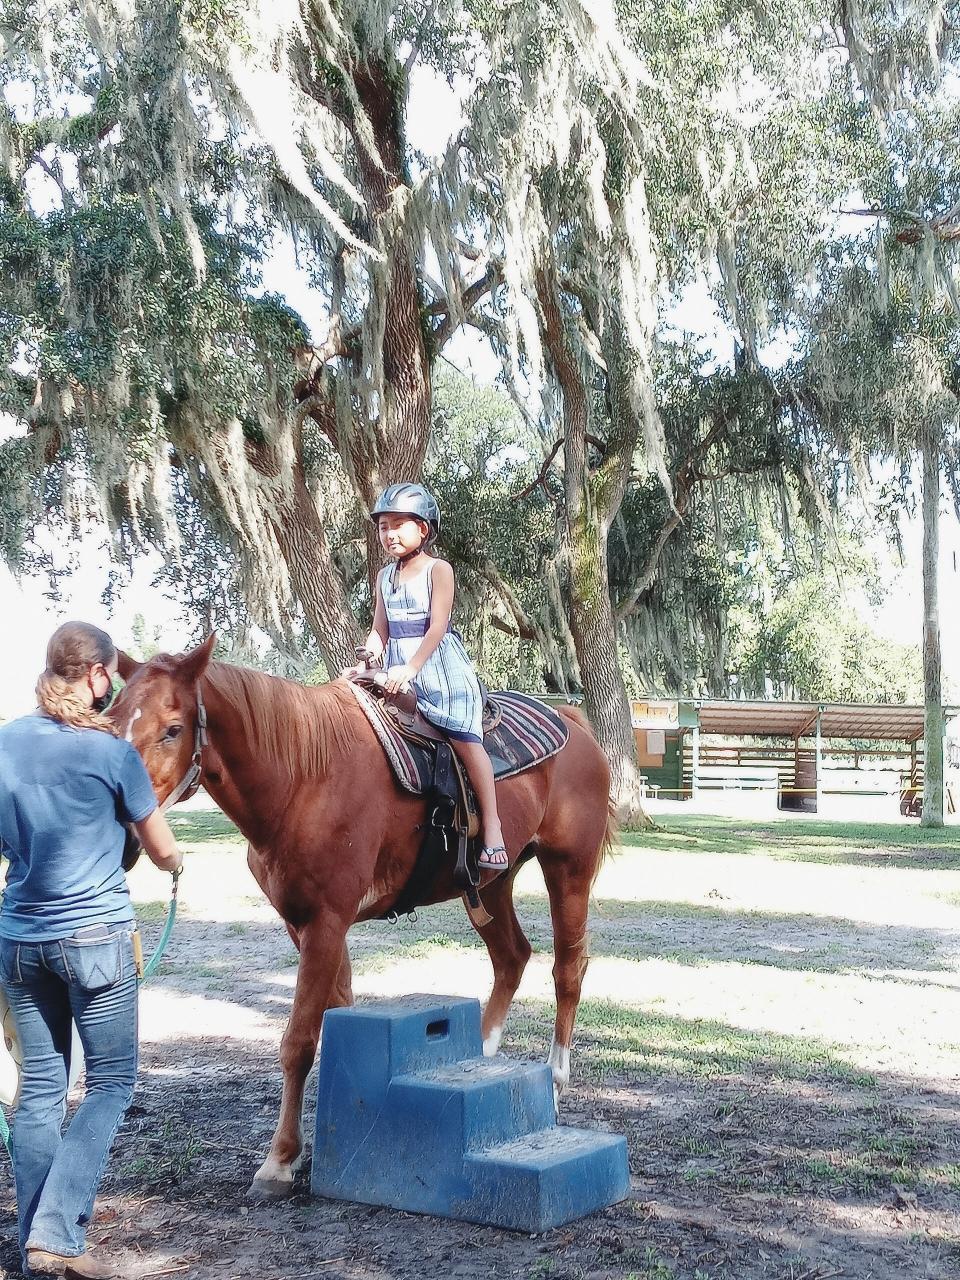 Horse Ride(馬乗り?)も体験できます🐎